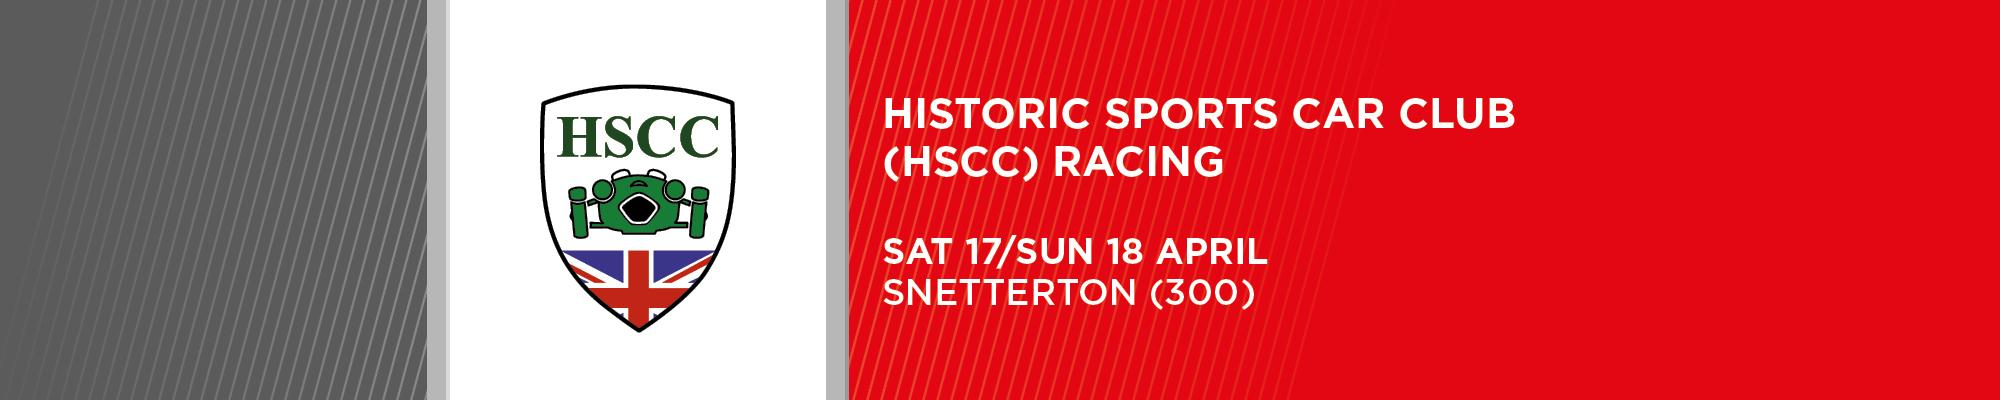 Historic Sports Car Club - NO SPECTATORS